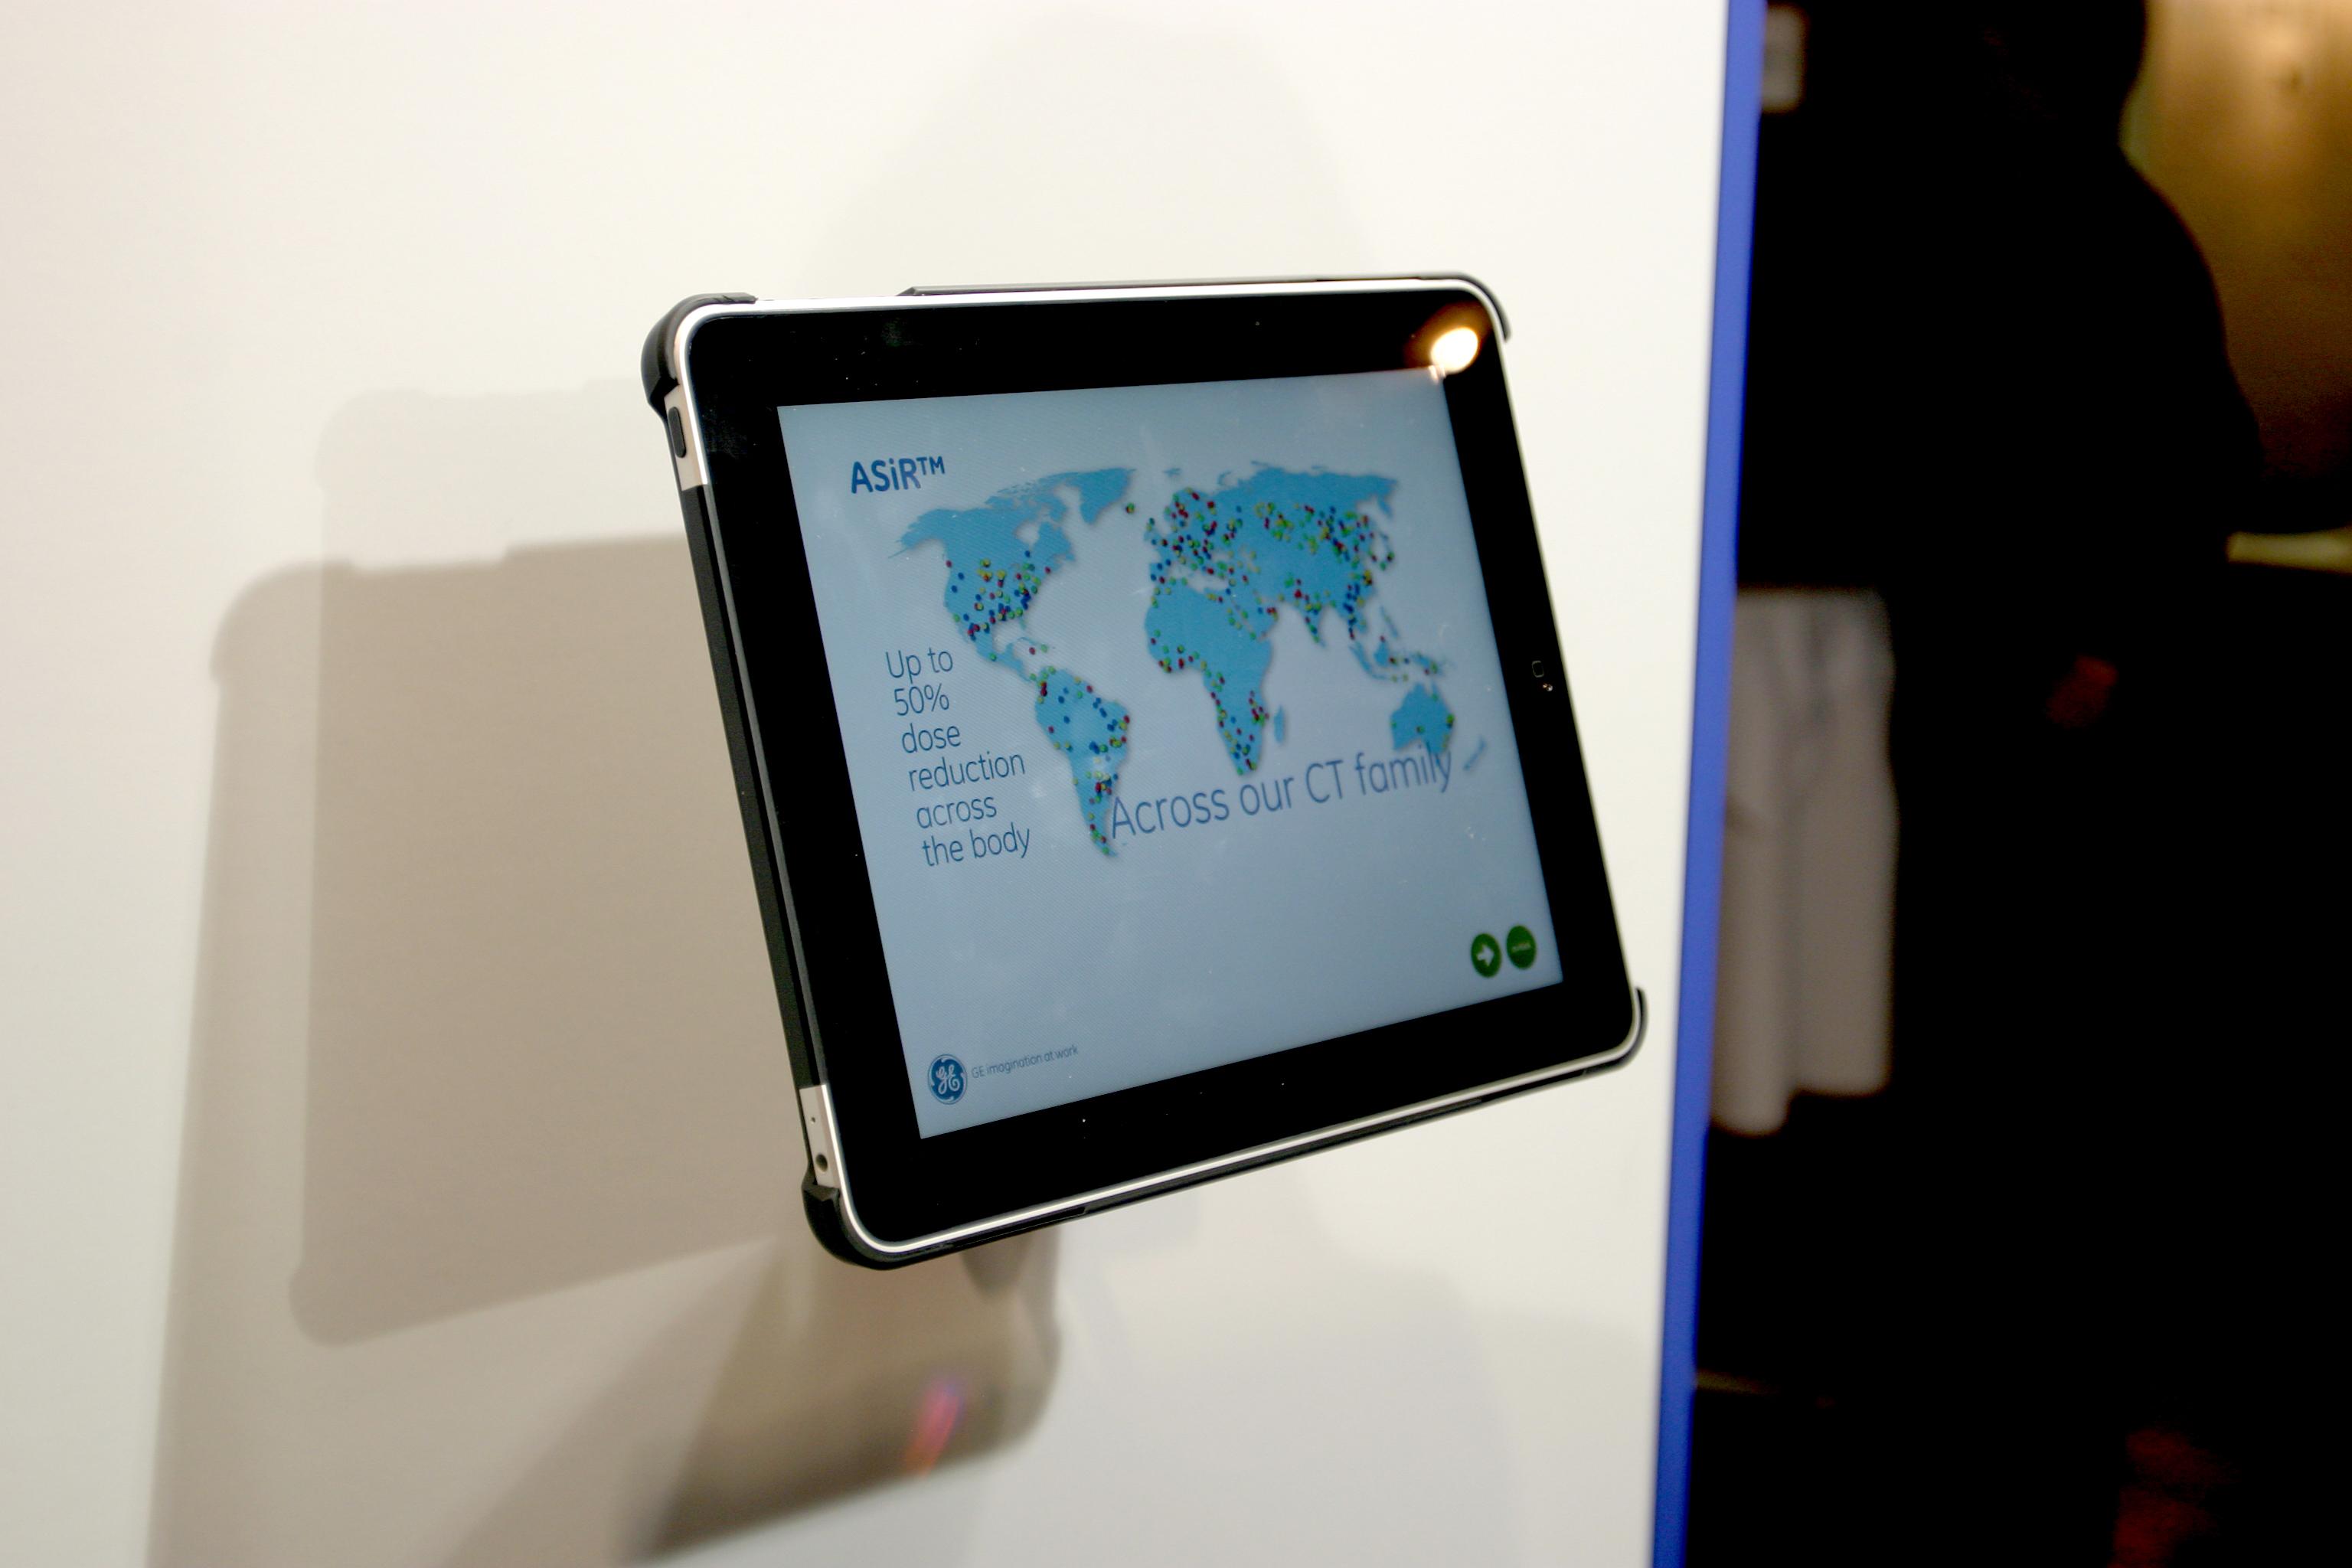 Messedesign und Mobile App für GE Healthcare GmbH von der Designagentur das formt in München